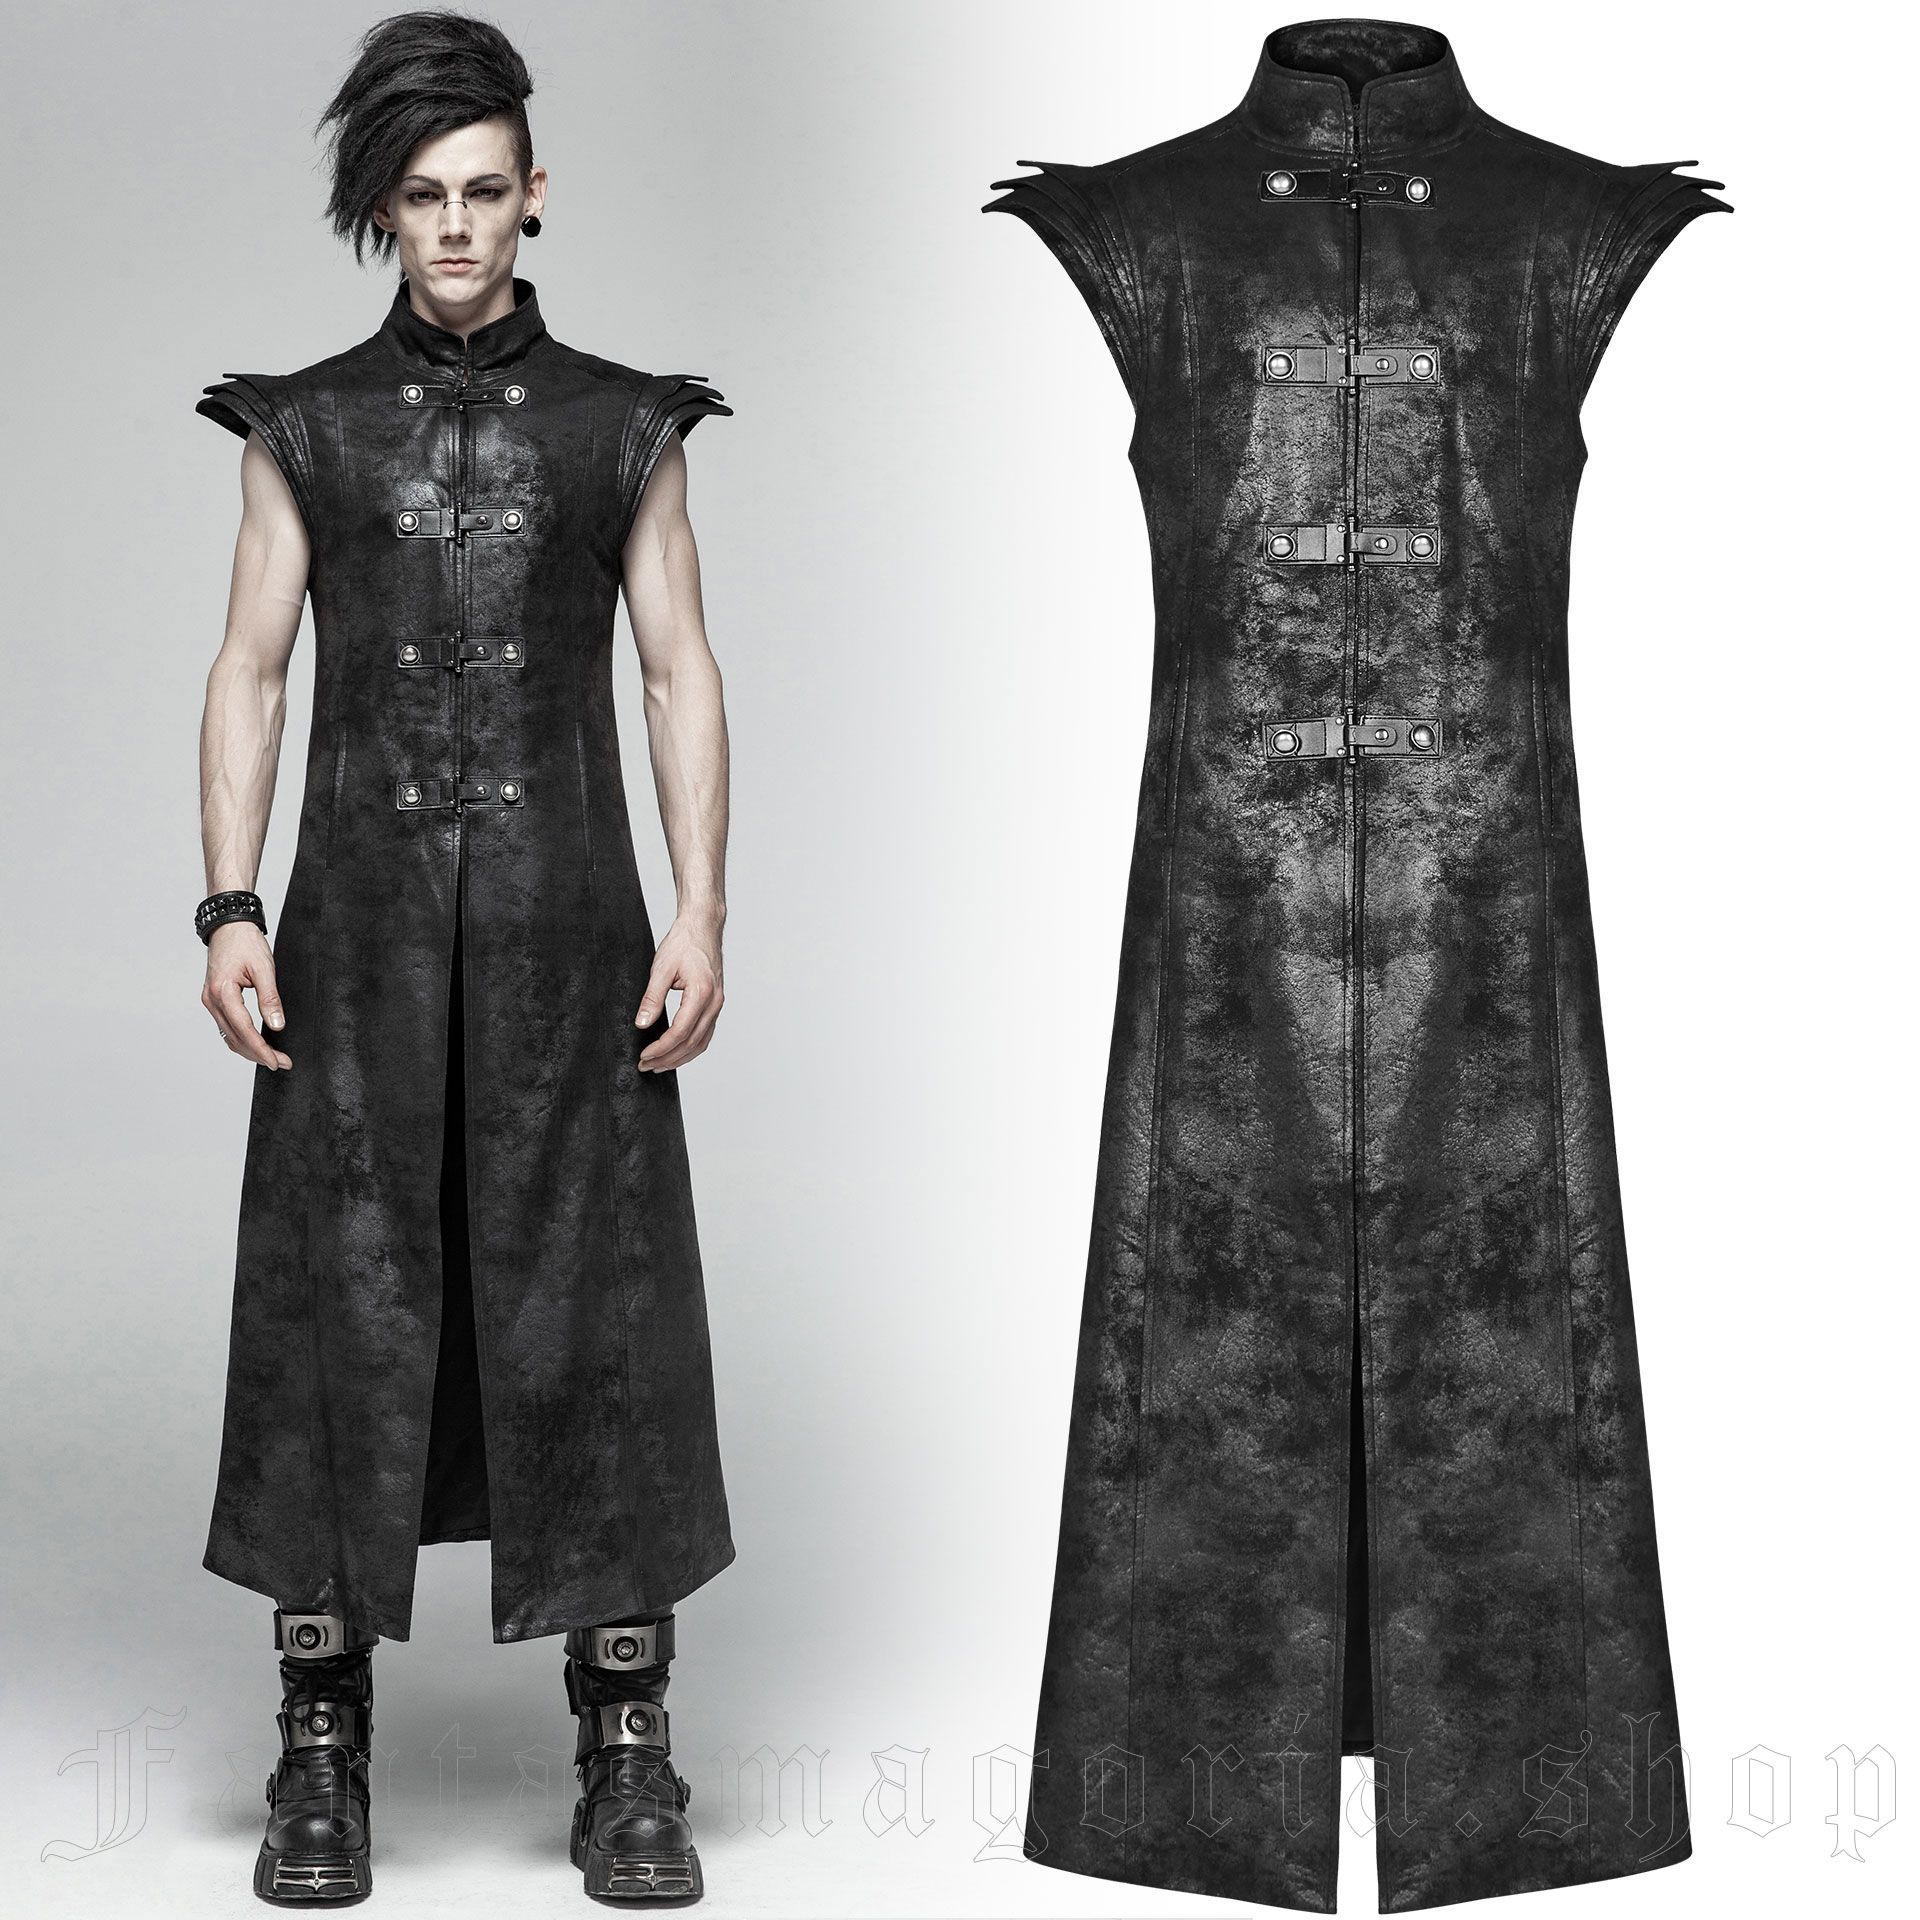 men's Sanctum Long Vest by PUNK RAVE brand, code: WY-1018